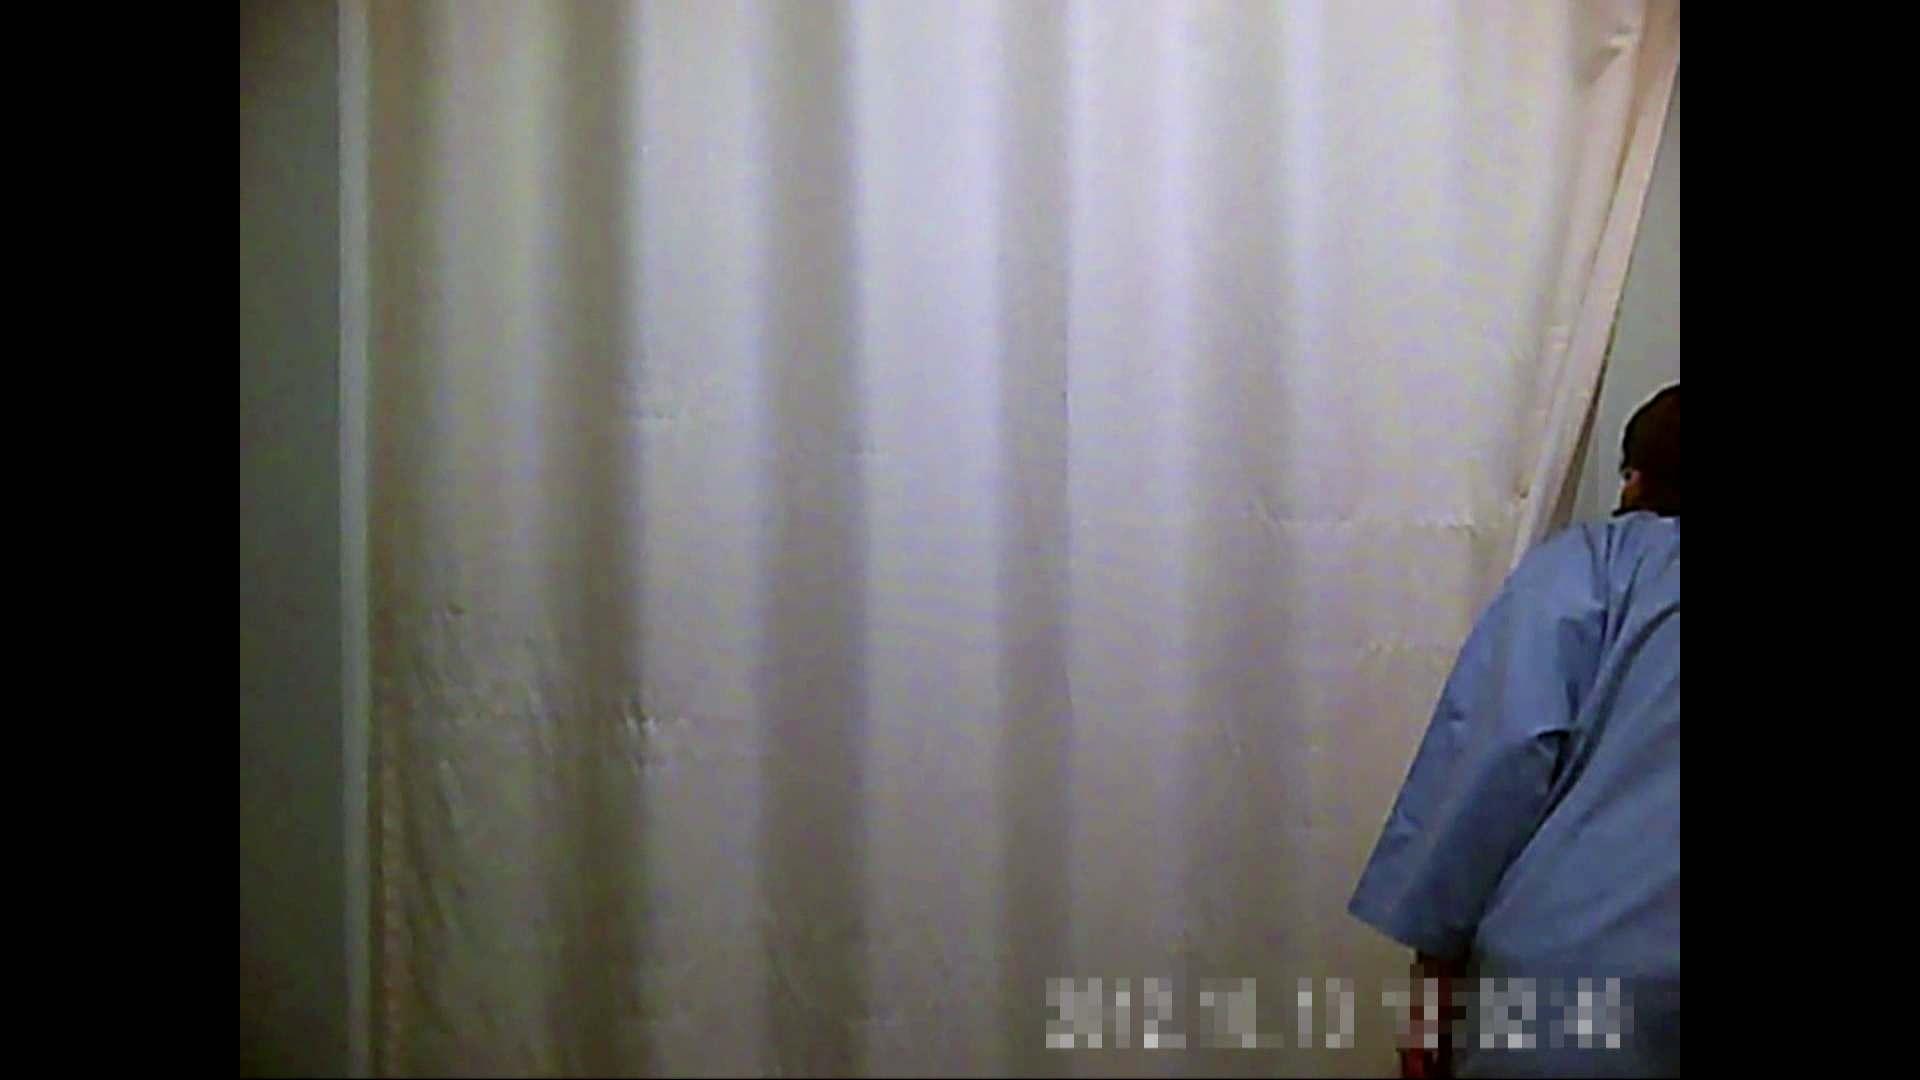 元医者による反抗 更衣室地獄絵巻 vol.059 お姉さんのSEX オマンコ無修正動画無料 103枚 26